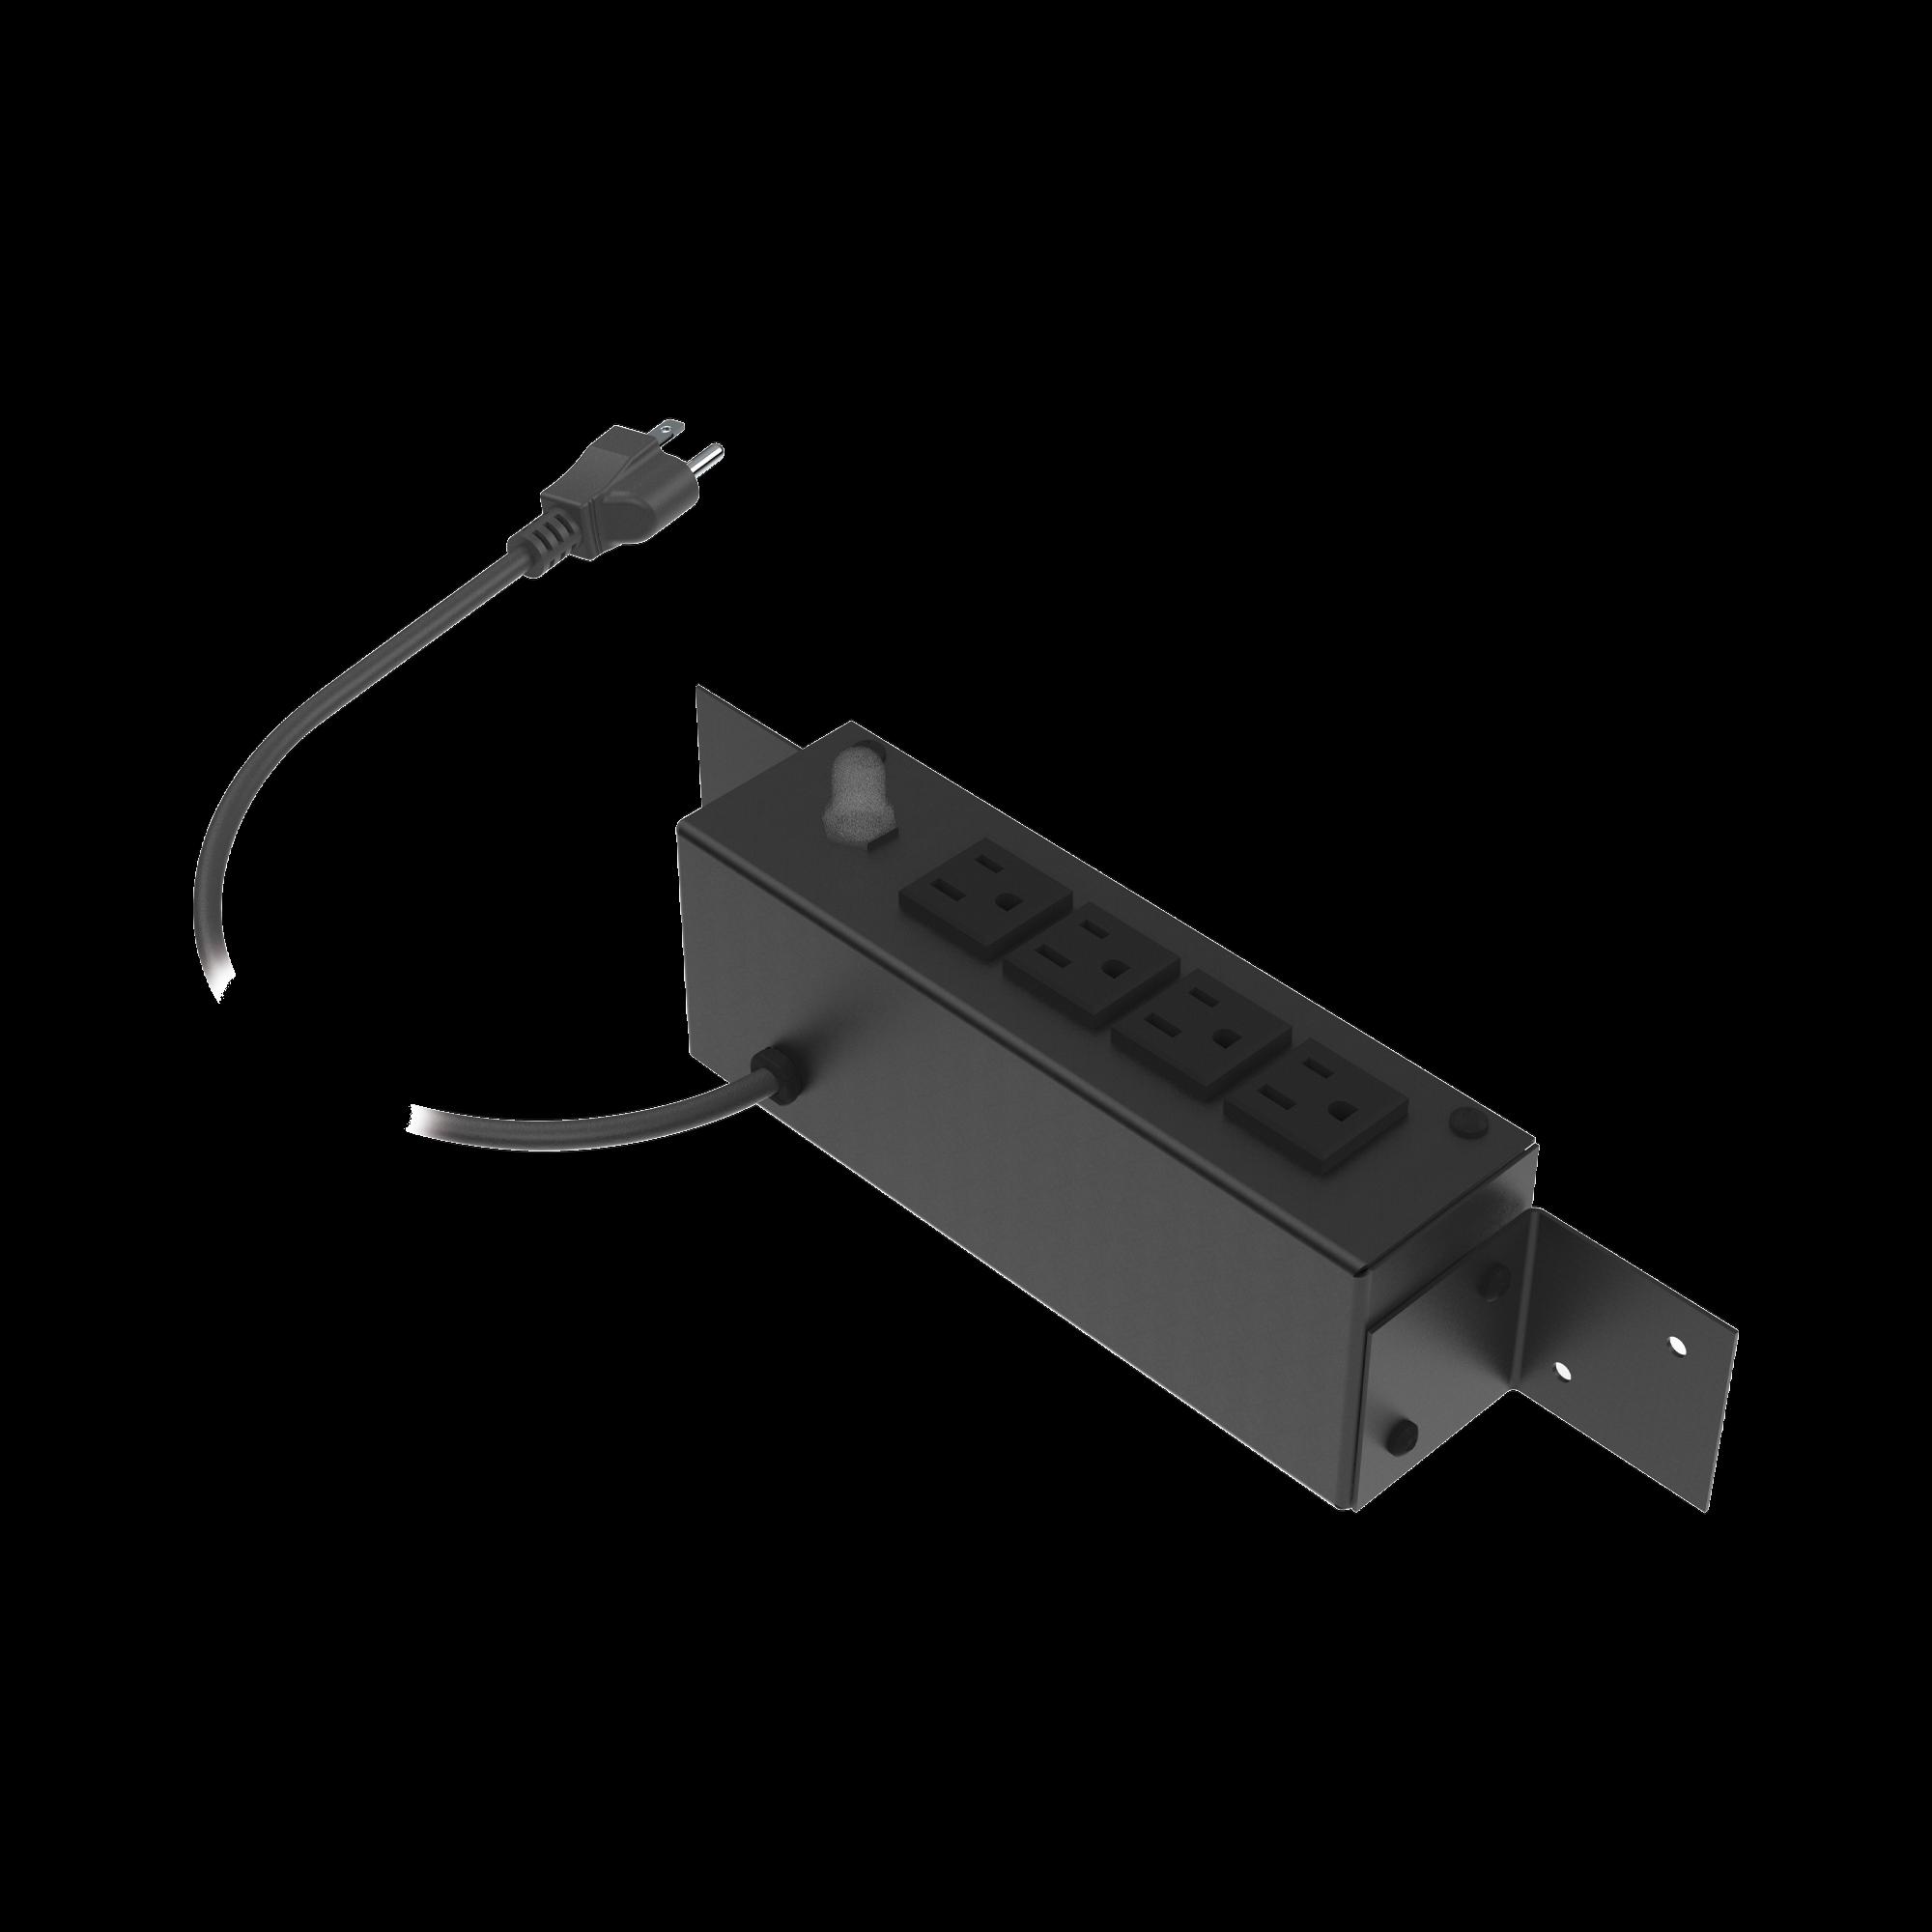 Tomacorriente de 4 Contactos (NEMA 5-15R) Voltaje Entrada/Salida: 120Vca/10A Max. Opción de Instalación en Escritorio o Pared.